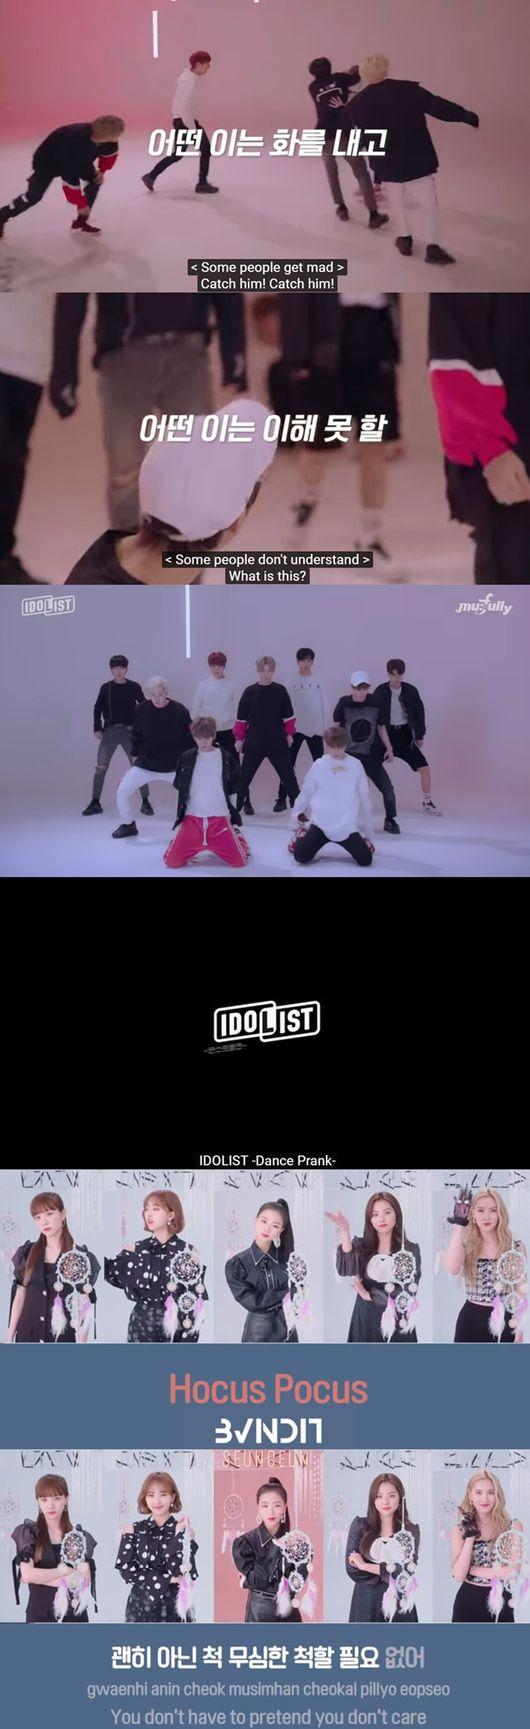 '뮤플리' 채널 캡처